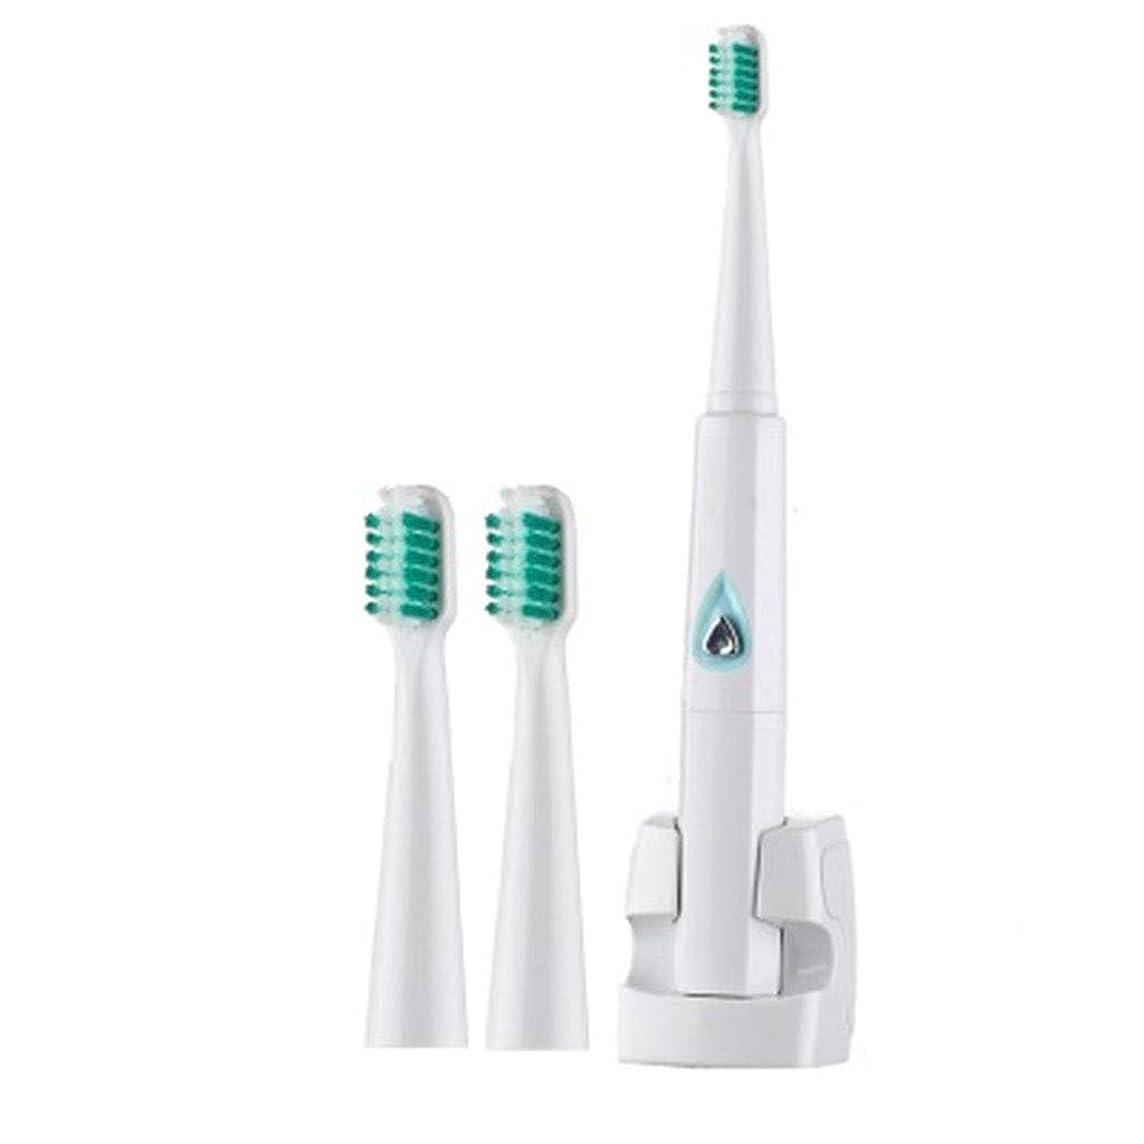 詐欺師押し下げる許可超音波電動歯ブラシ、無線誘導の防水振動歯ブラシ